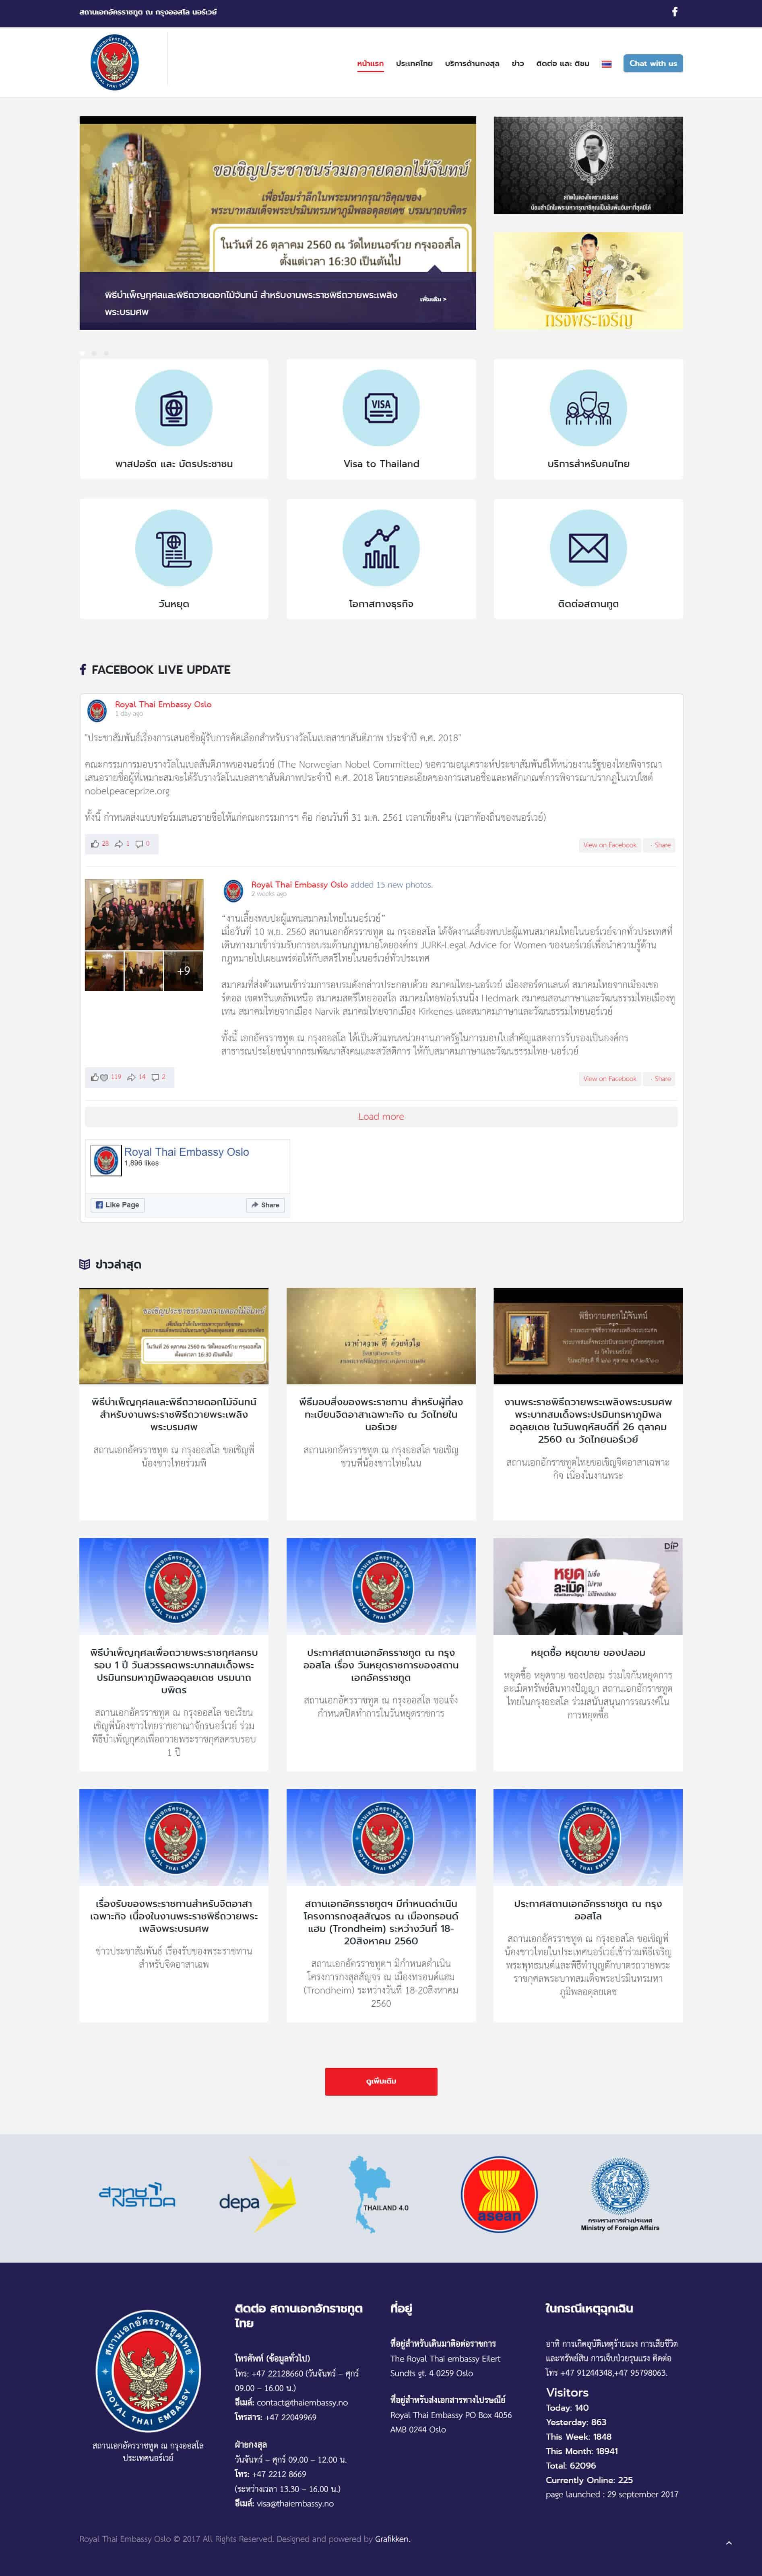 ออกแบบเว็บไซต์หน่วยงาน สถานเอกอัครราชทูตไทย - รับออกแบบเว็บไซต์หน่วยงานราชการ